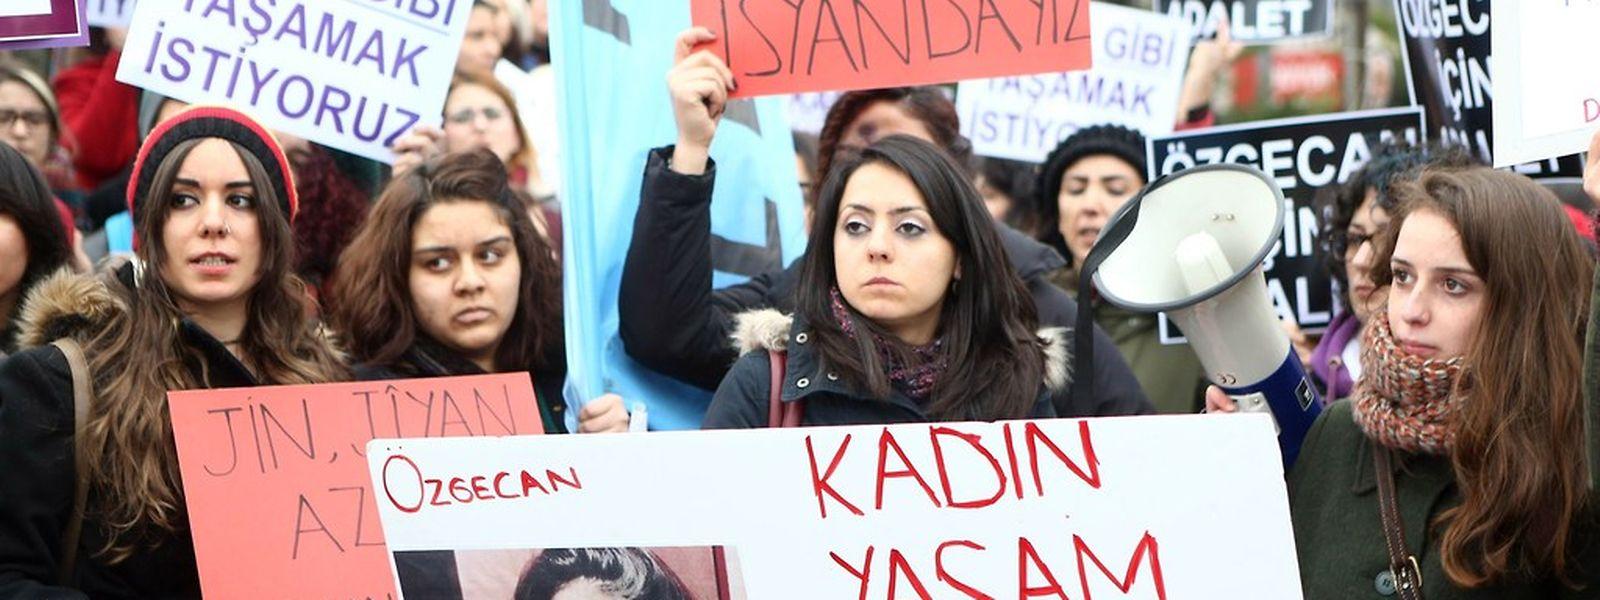 Frauen in Istanbul demonstrierten am 14. Februar gegen Gewalt gegen Frauen. Das Plakat zeigt die ermordete 20-jährige Özgecan Aslan.